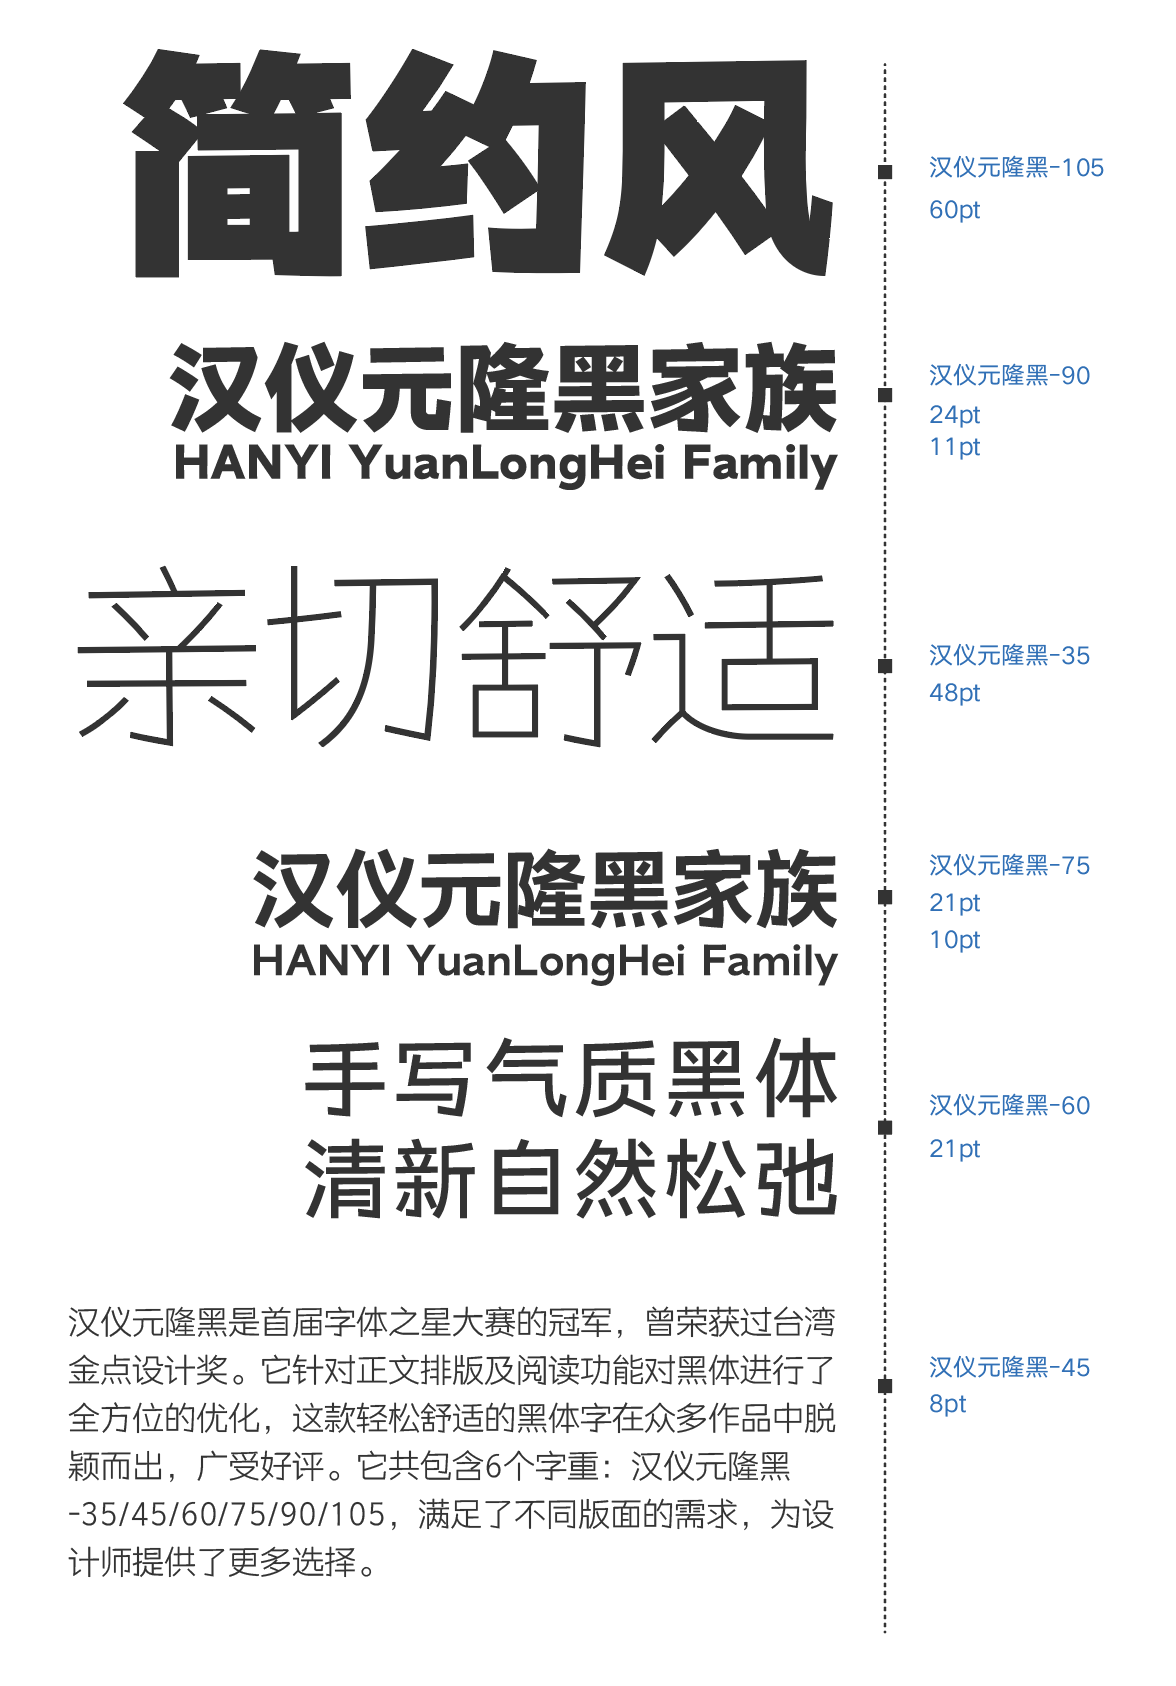 汉仪元隆黑家族系列